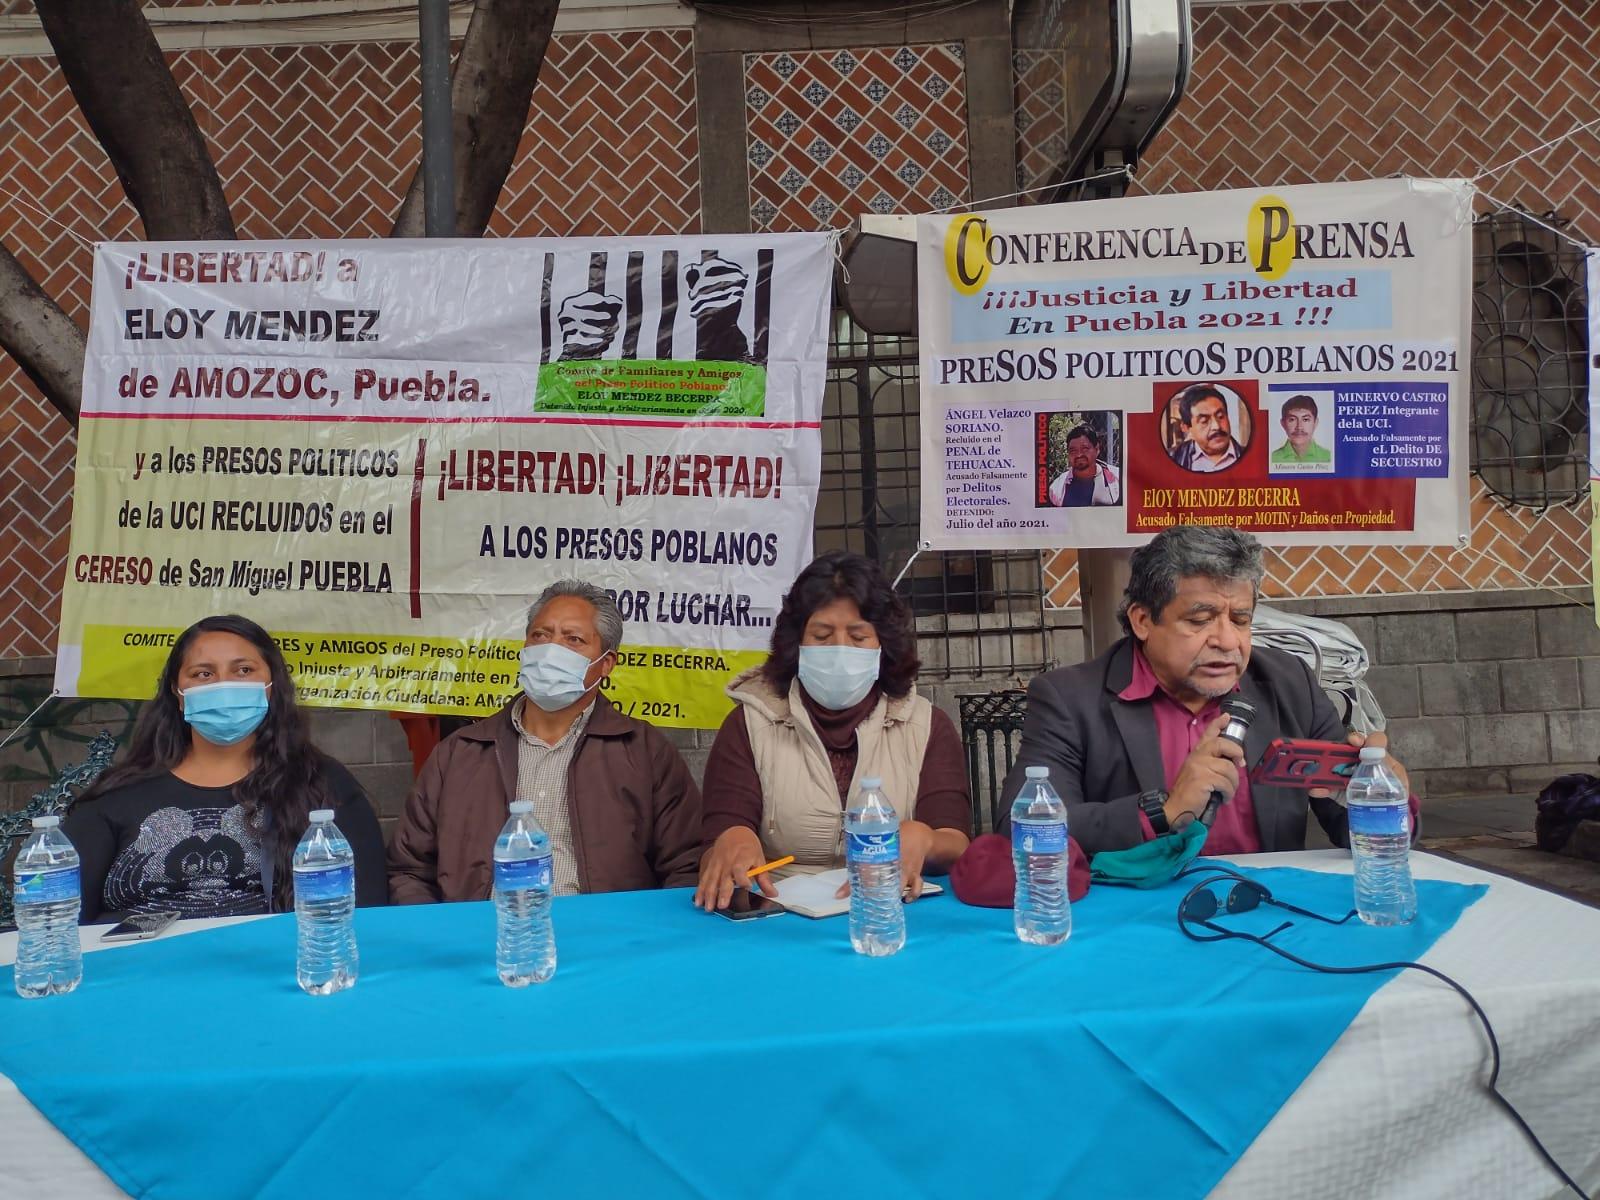 Demanda comité humanitario amnistía local para presos políticos